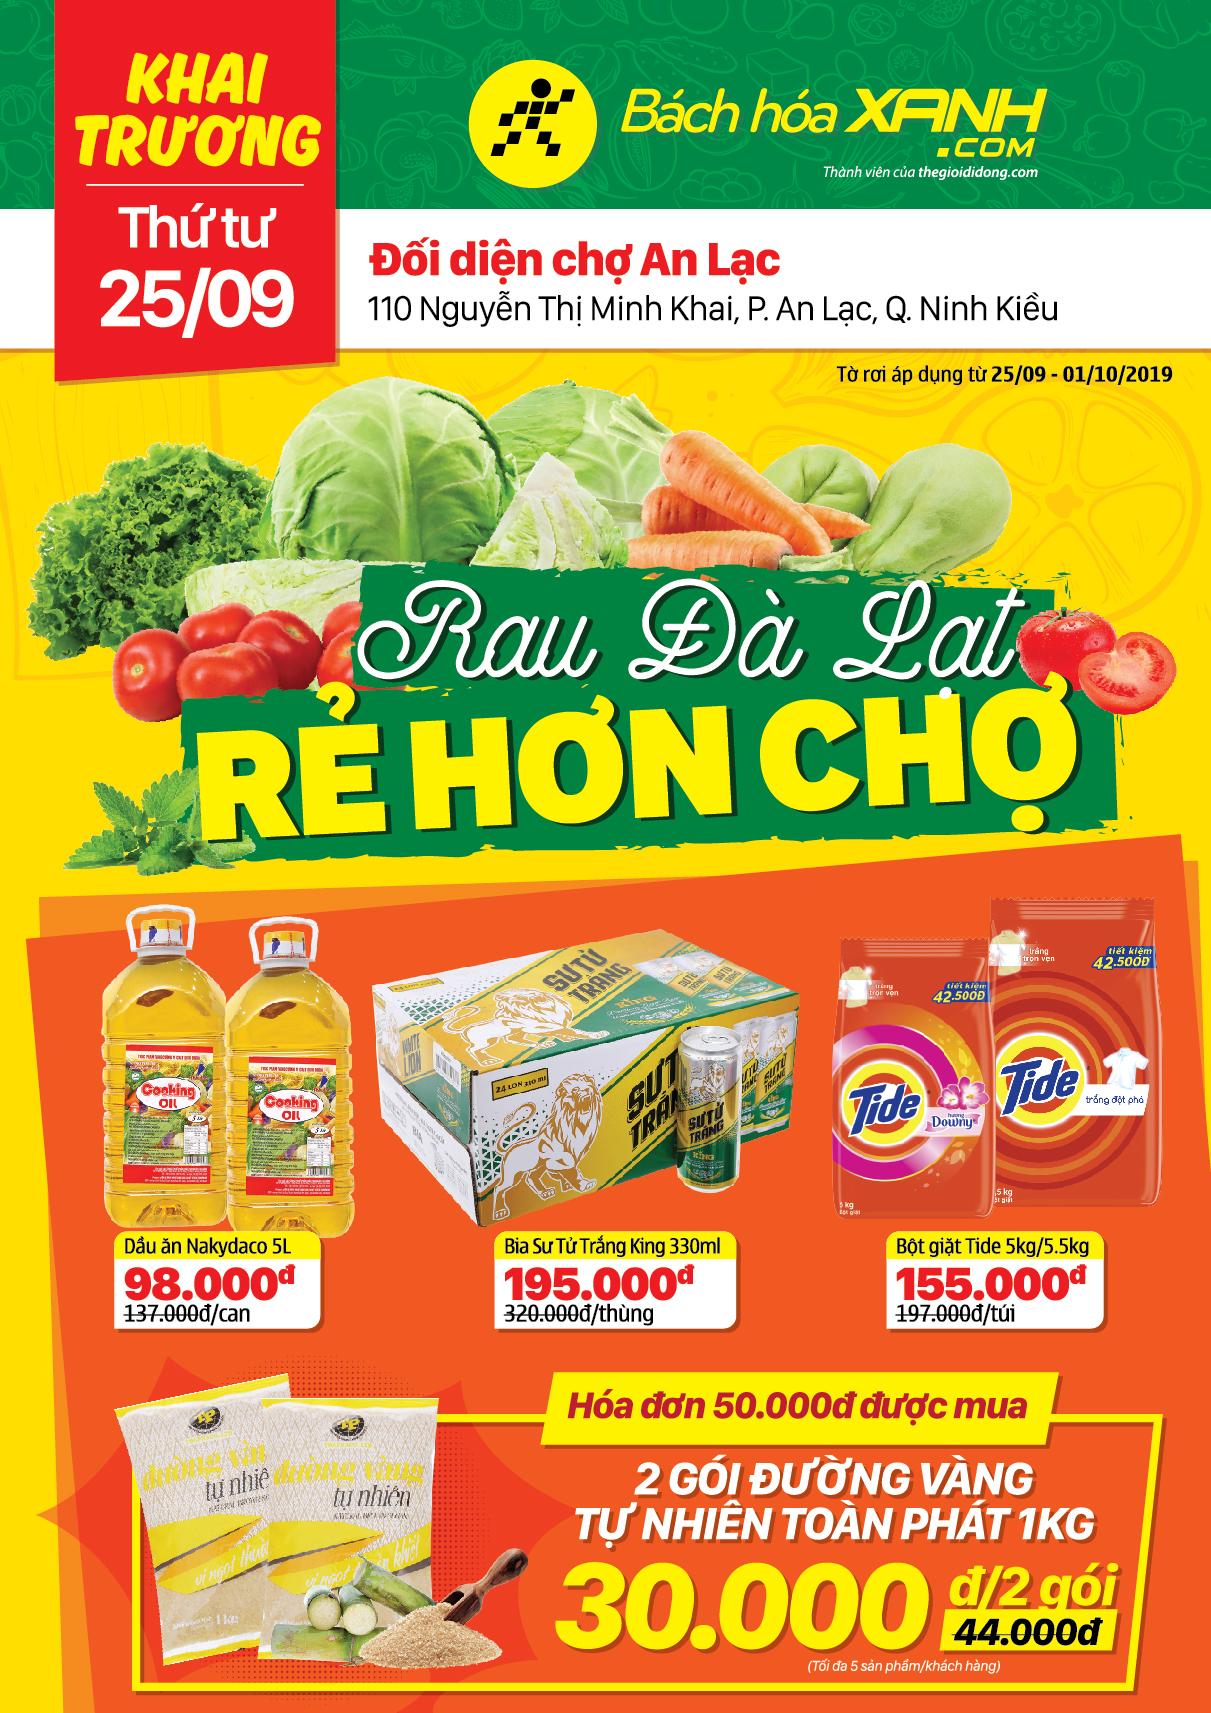 Cửa hàng Bách hoá XANH 110 Nguyễn Thị Minh Khai khai trương 25/9/2019